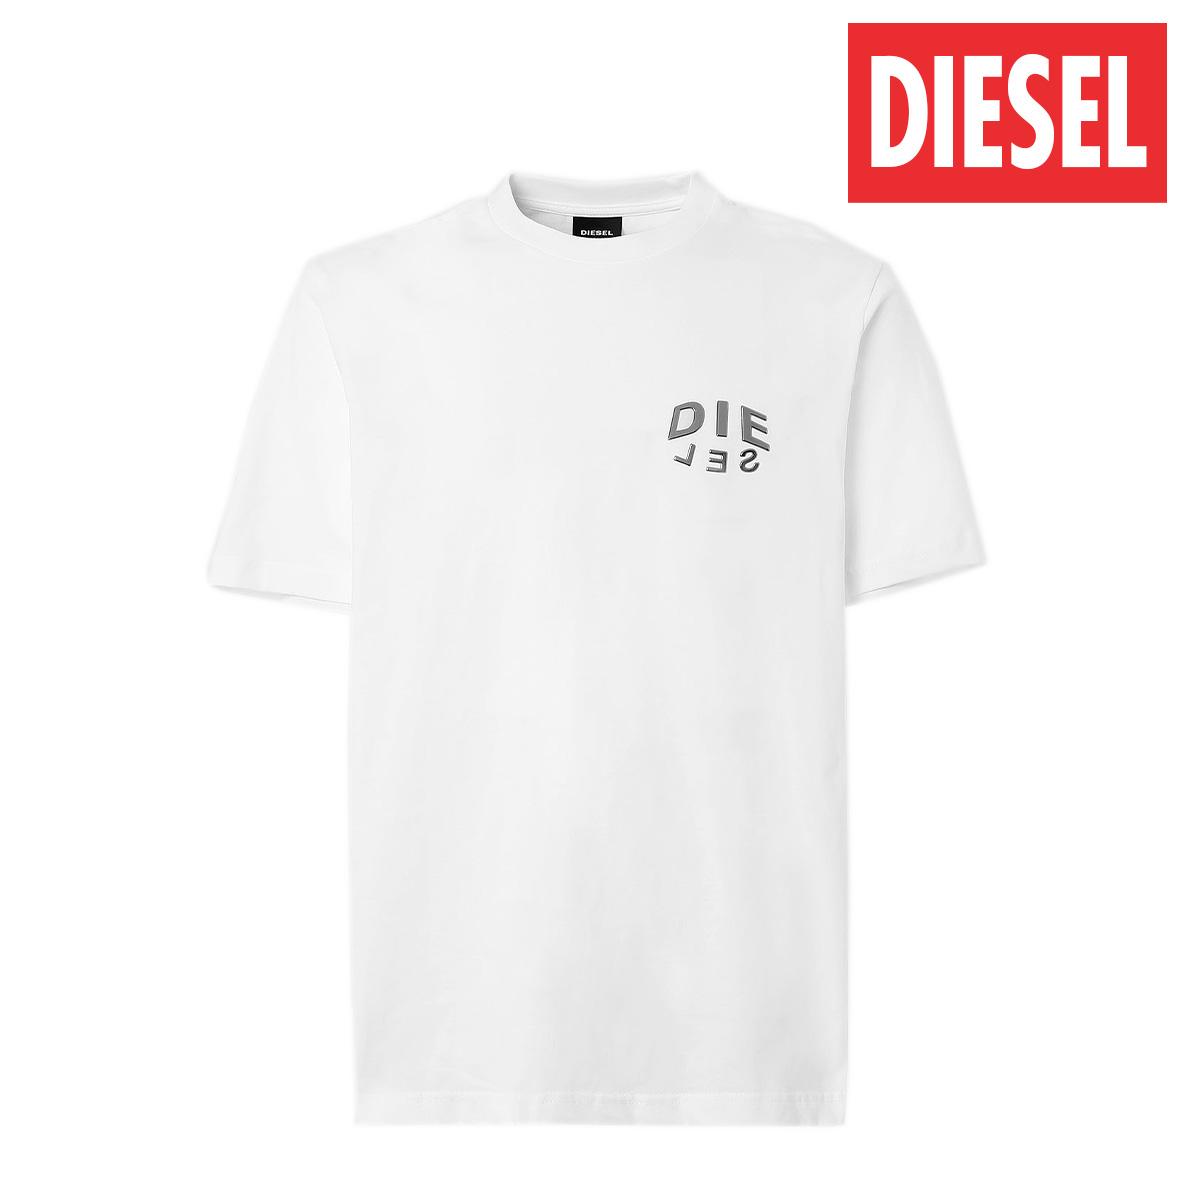 ディーゼル 海外正規品 海外 送料無料 あす楽 全品送料無料 与え DIESEL レディース メンズ ブラック メタリック T-JUST-SLITS-A30 Tシャツ A016840PATI ロゴ 半袖